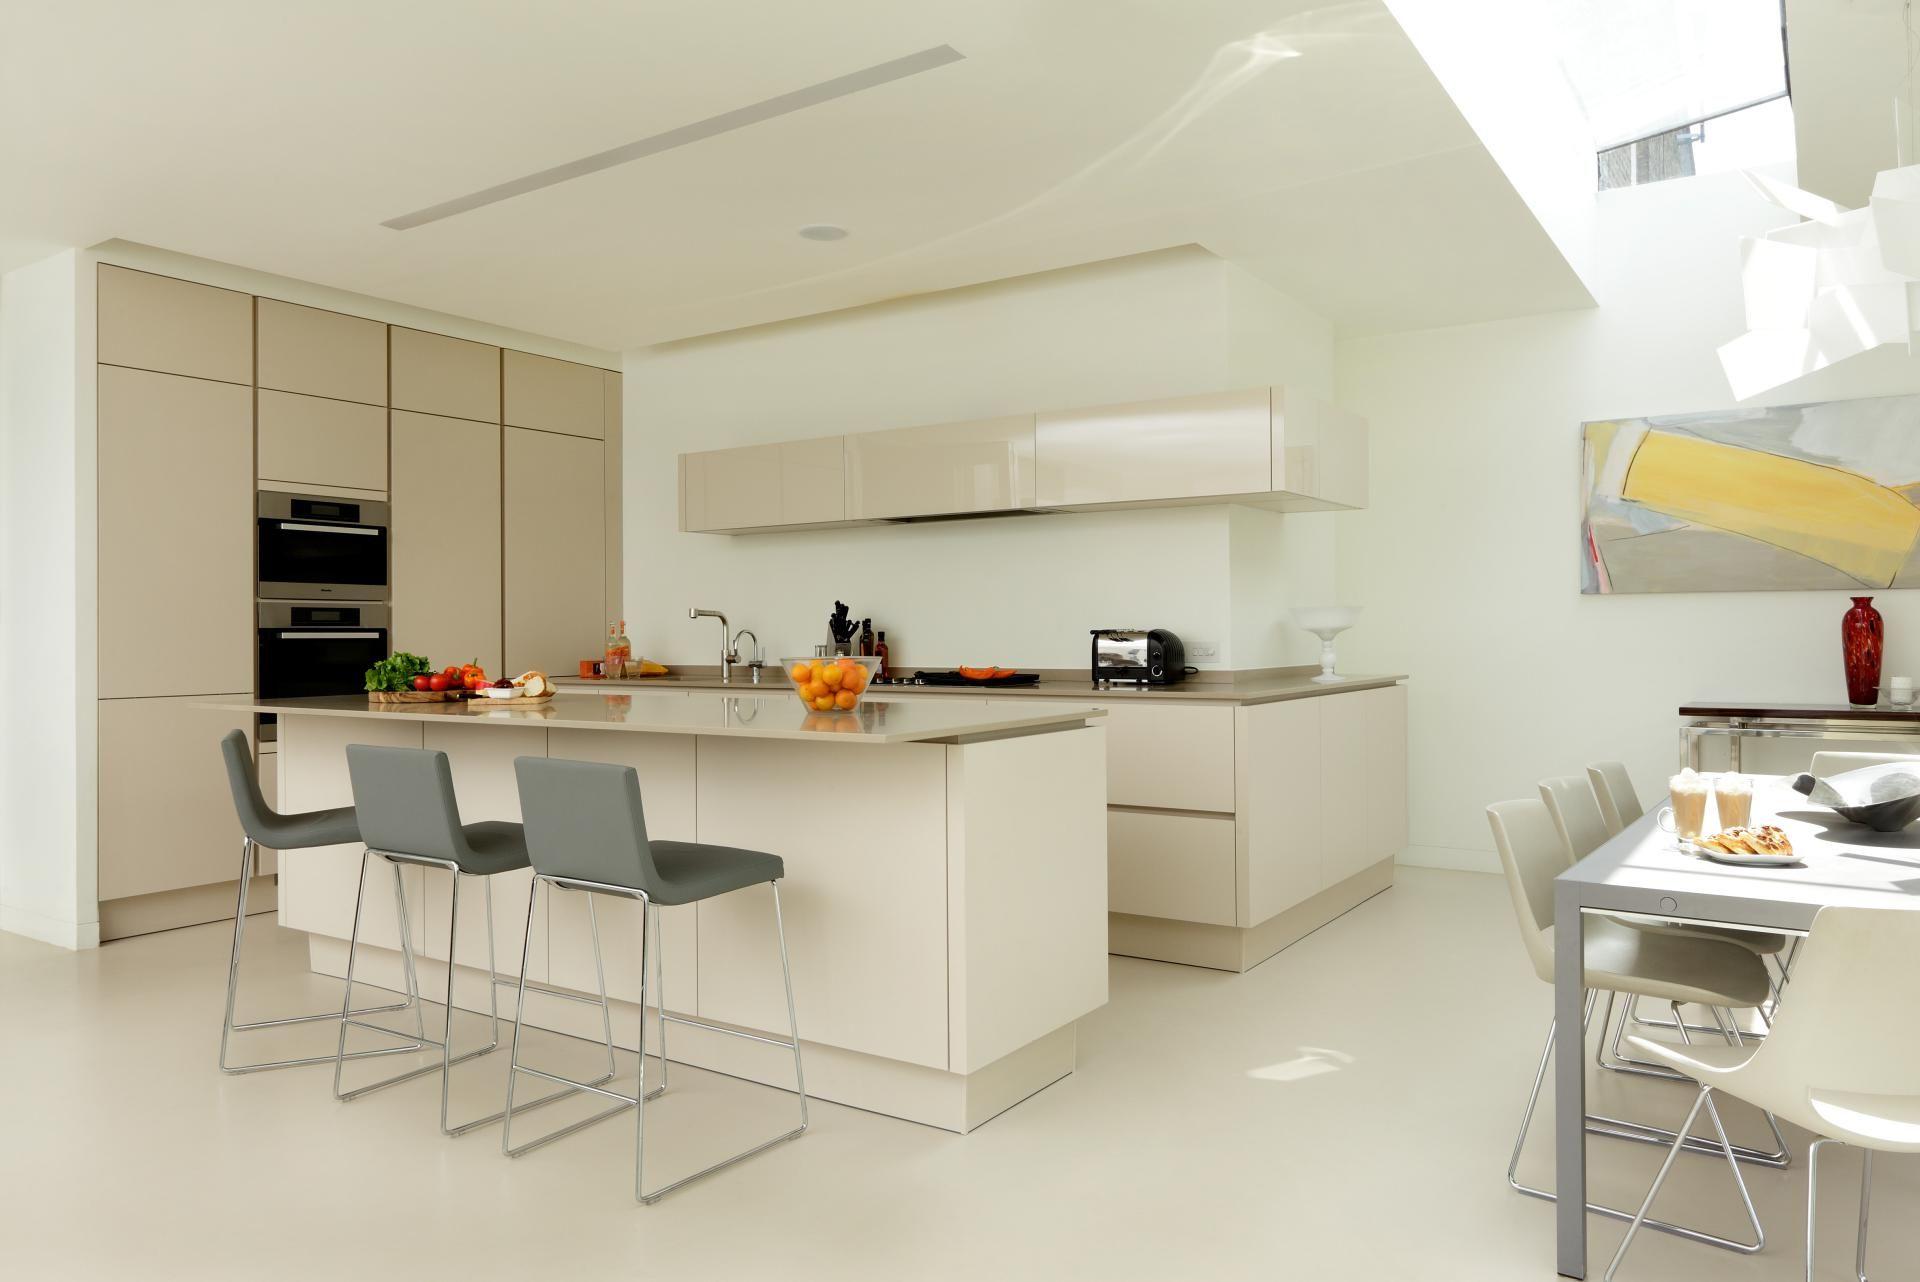 alno küchenplaner download eindrucksvolle bild und afbaccfef jpg